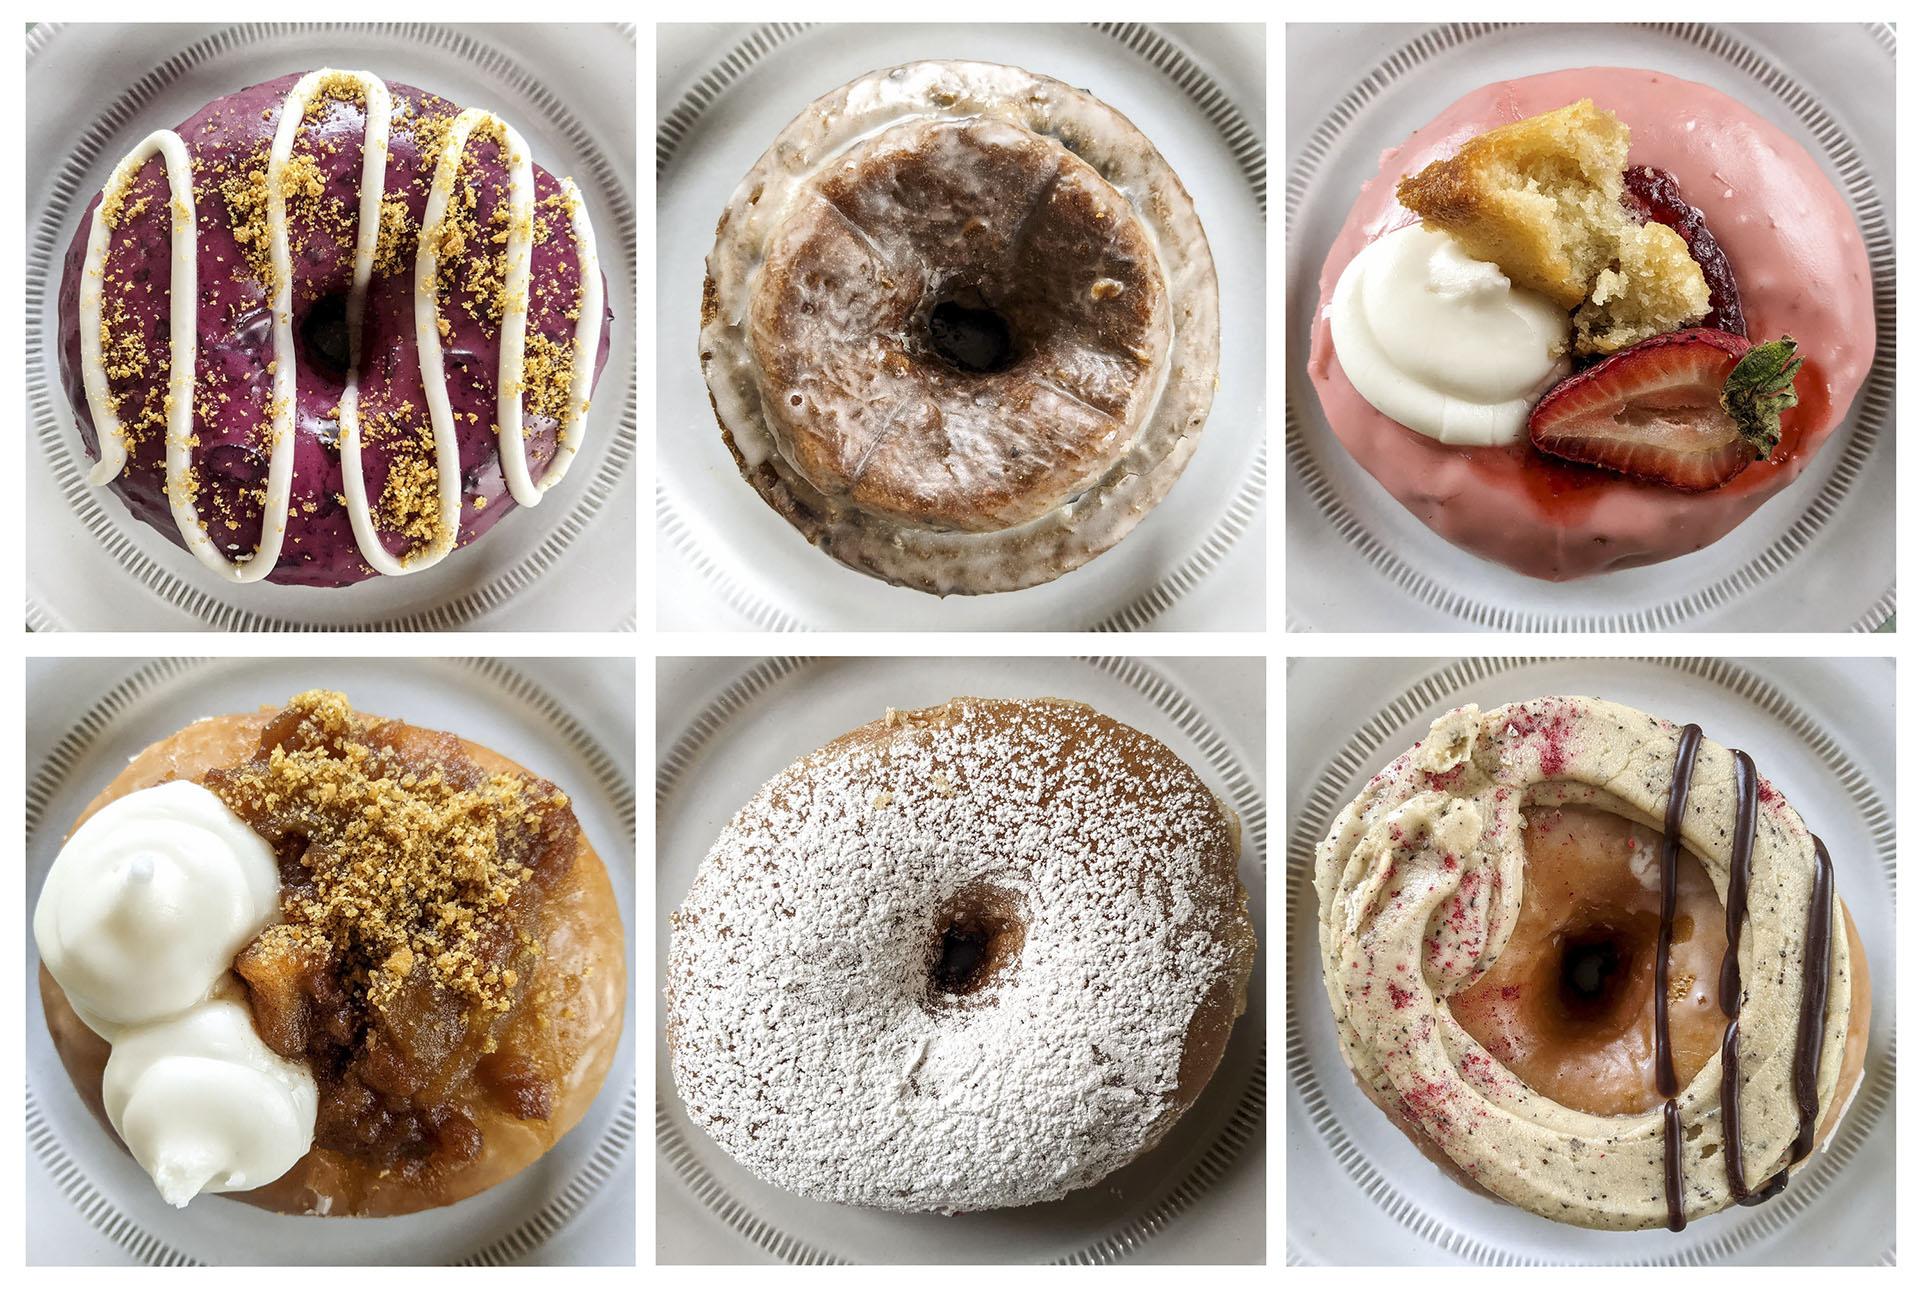 Veera Donuts